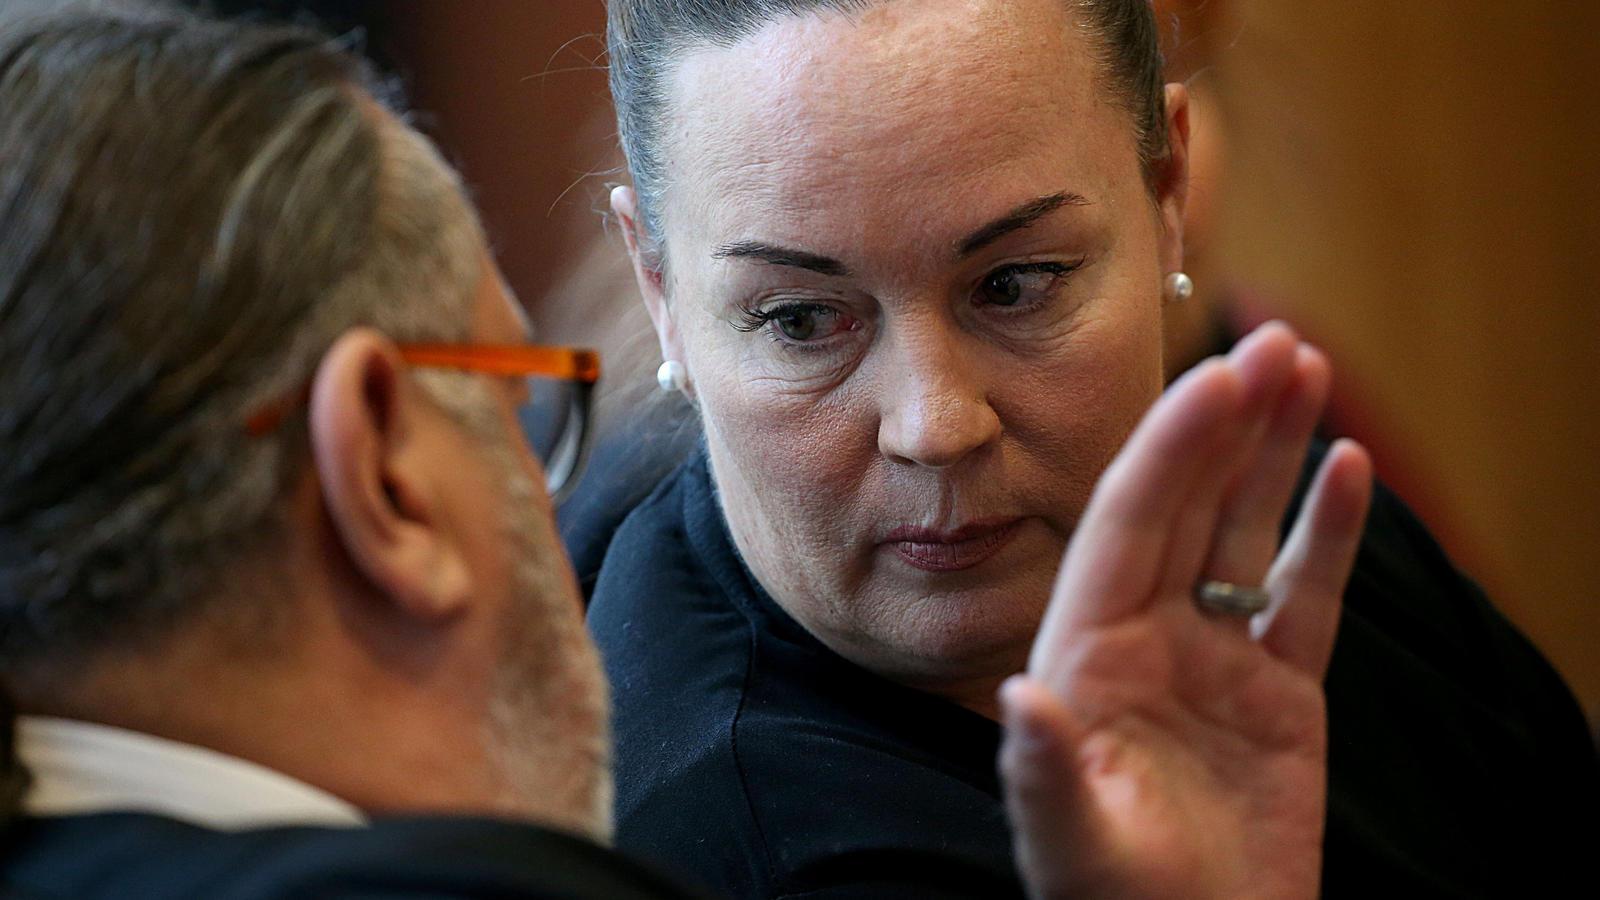 Mutter von Niklas P. sitzt in einem türkischen Gefängnis